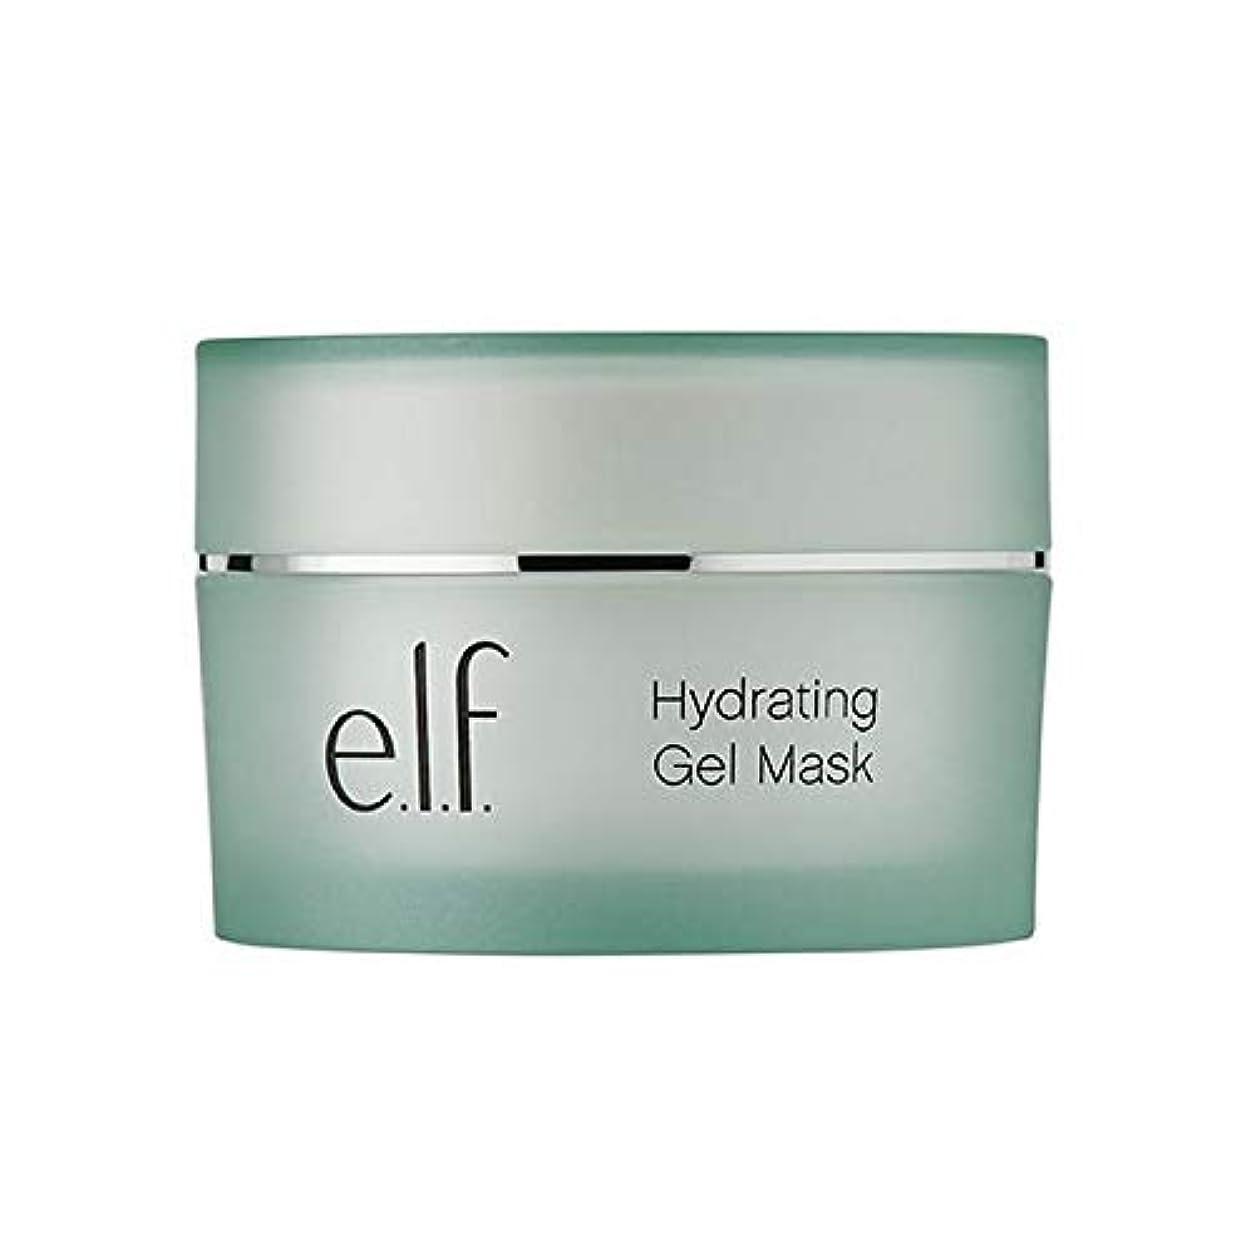 ユーモラス食器棚エージェント[Elf] エルフ。水和ゲルマスク52ミリリットル - e.l.f. Hydrating Gel Mask 52ml [並行輸入品]